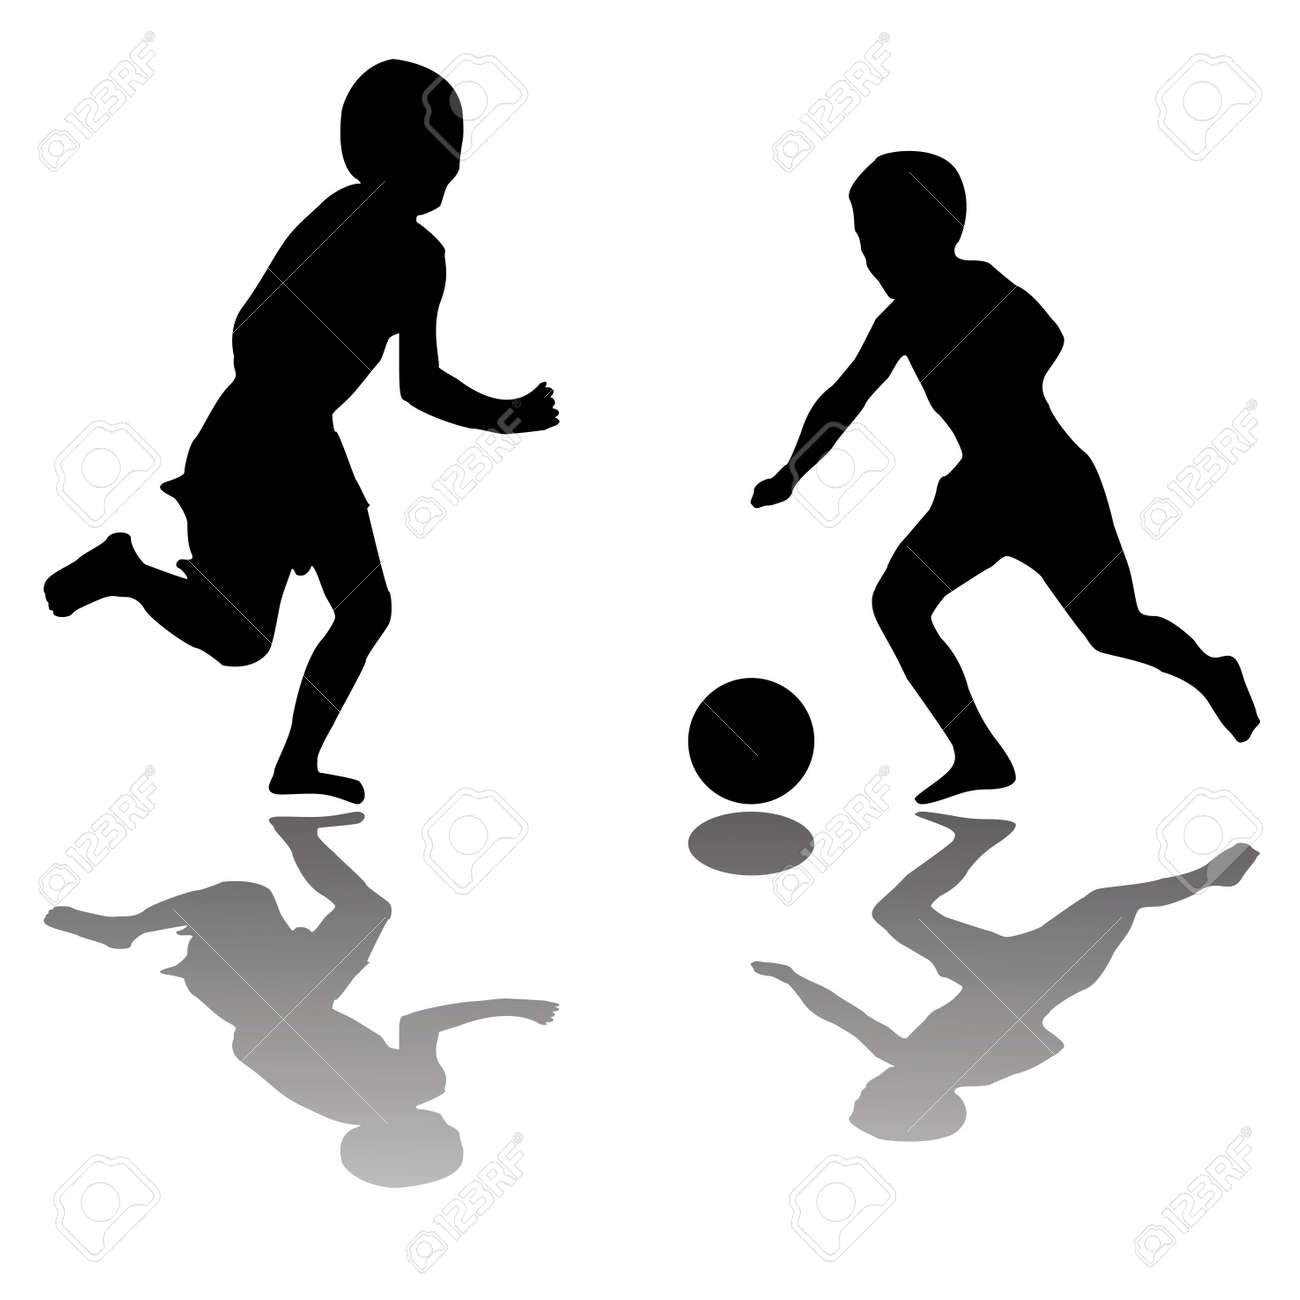 Vettoriale Bambini A Giocare A Calcio Nero Isolato Su Sfondo